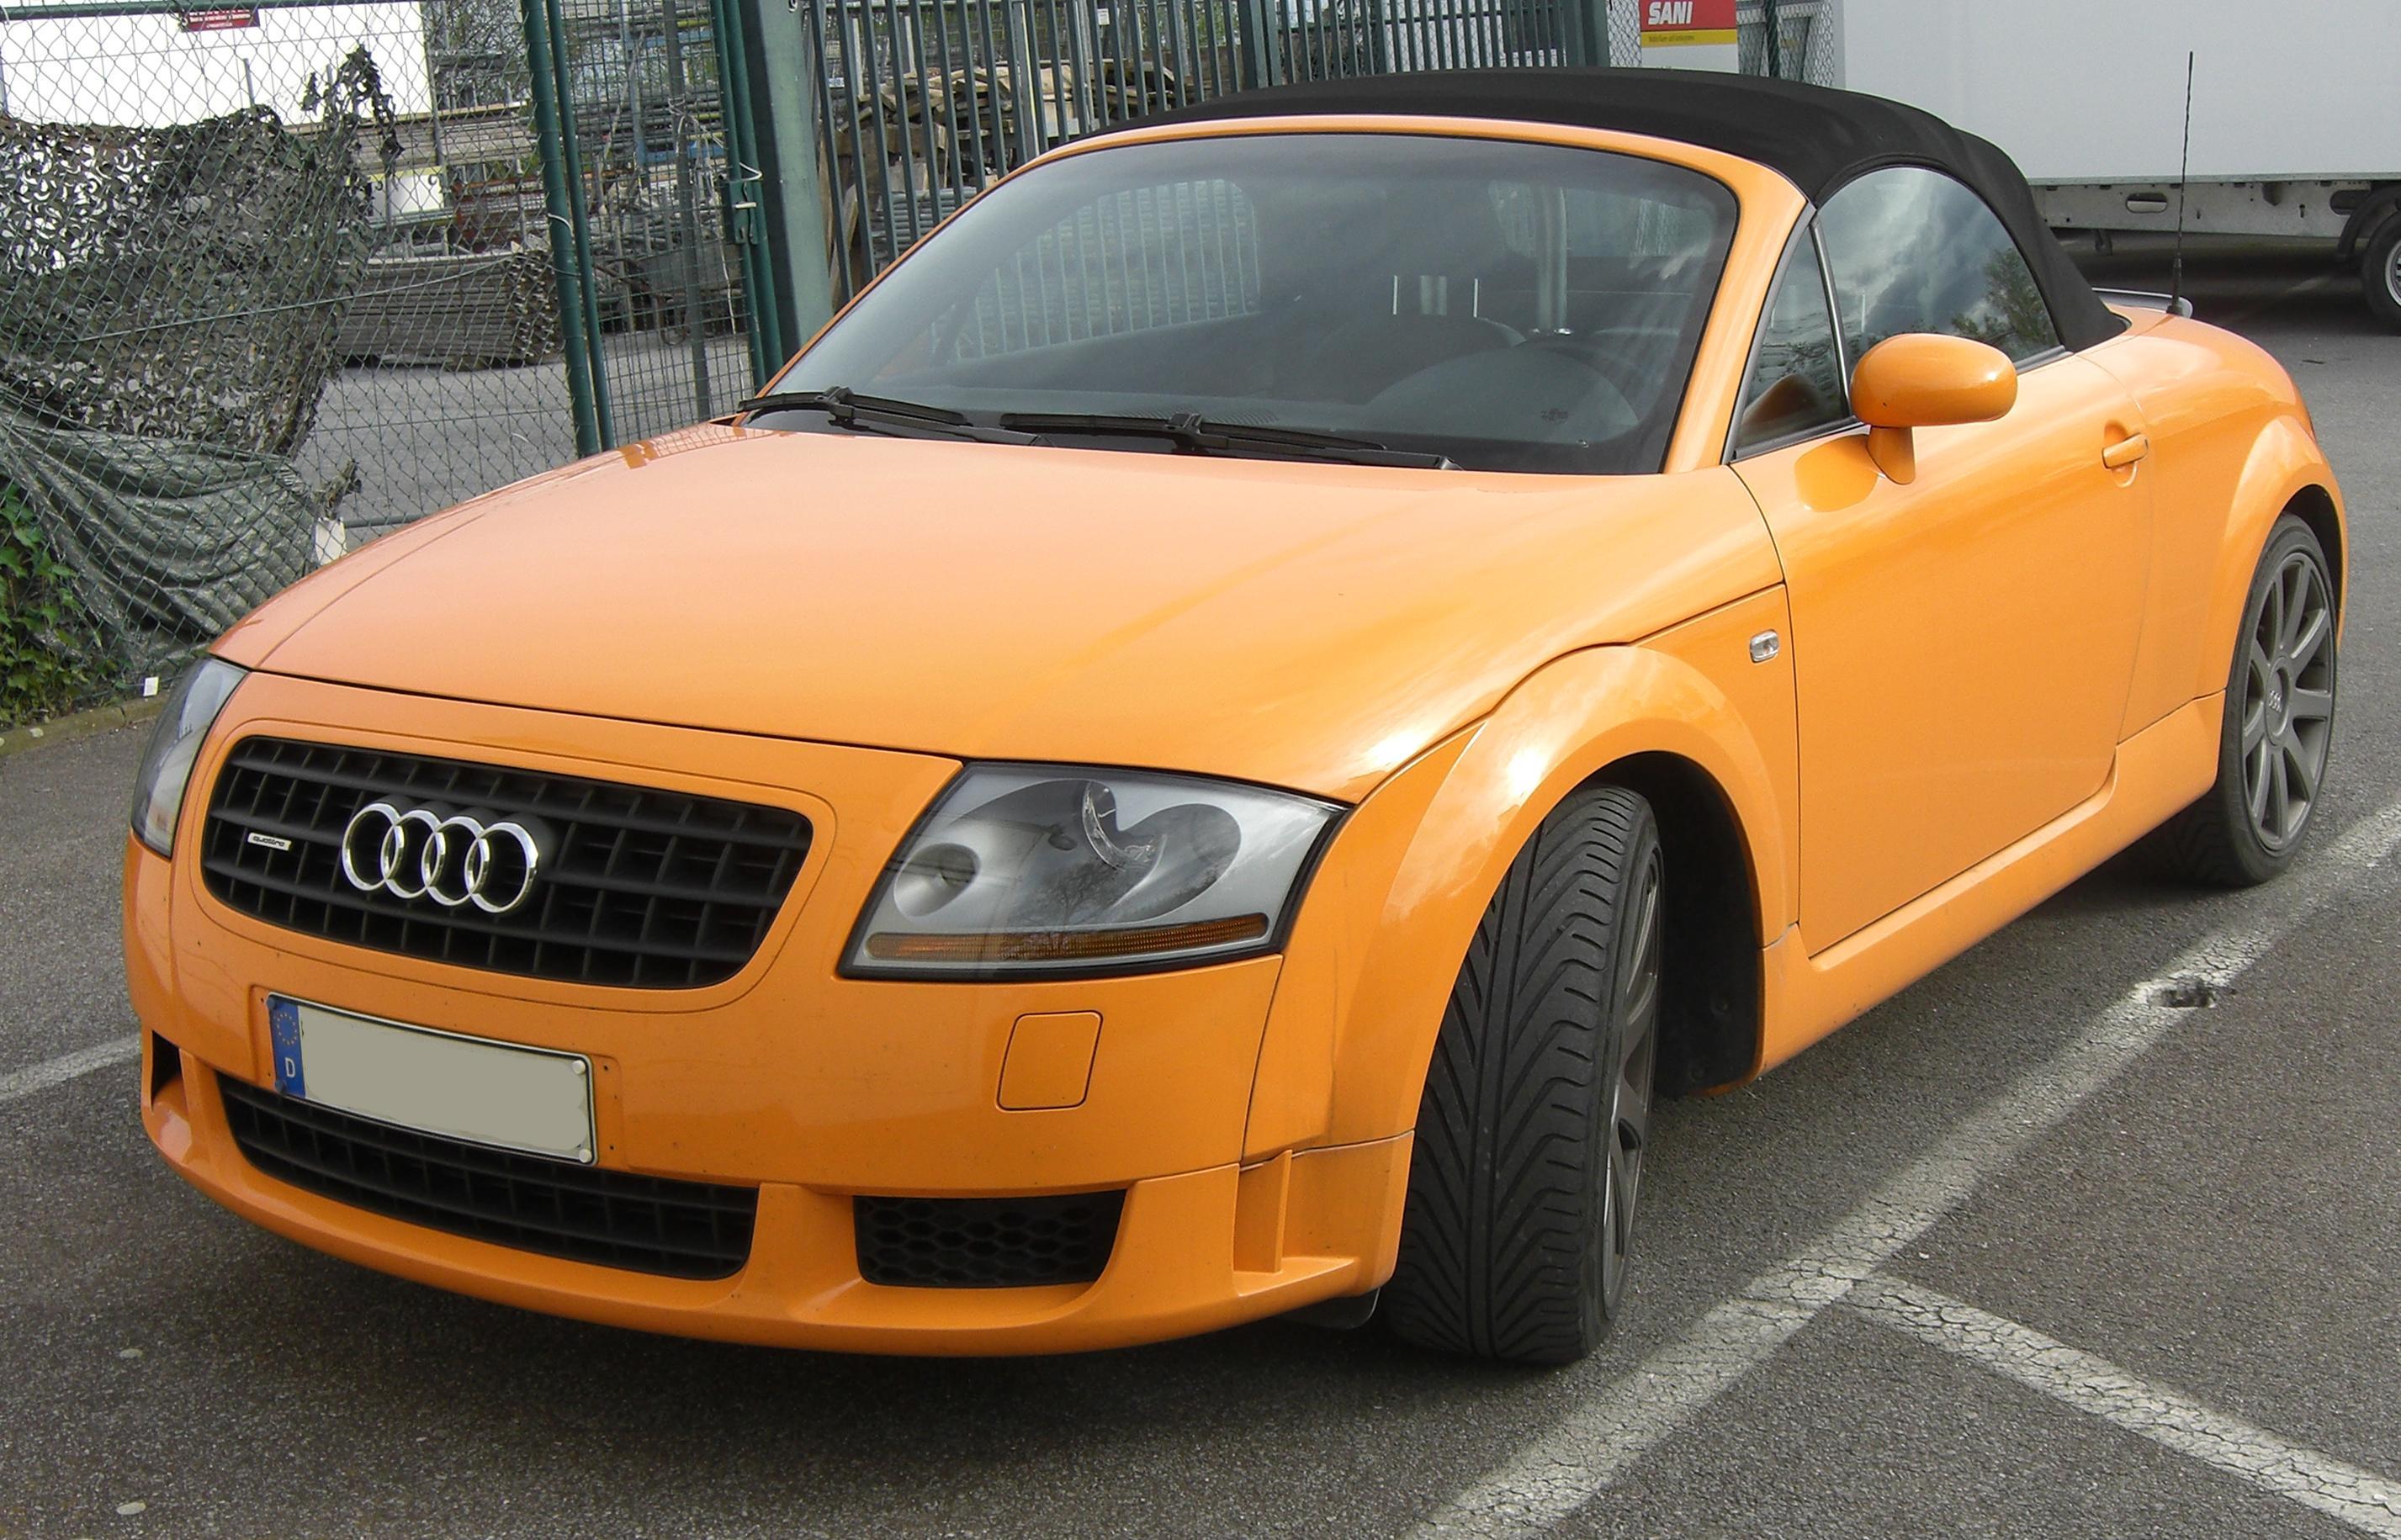 Audi Tt Roadster I Generation Front Jpg アウディ Ttの話